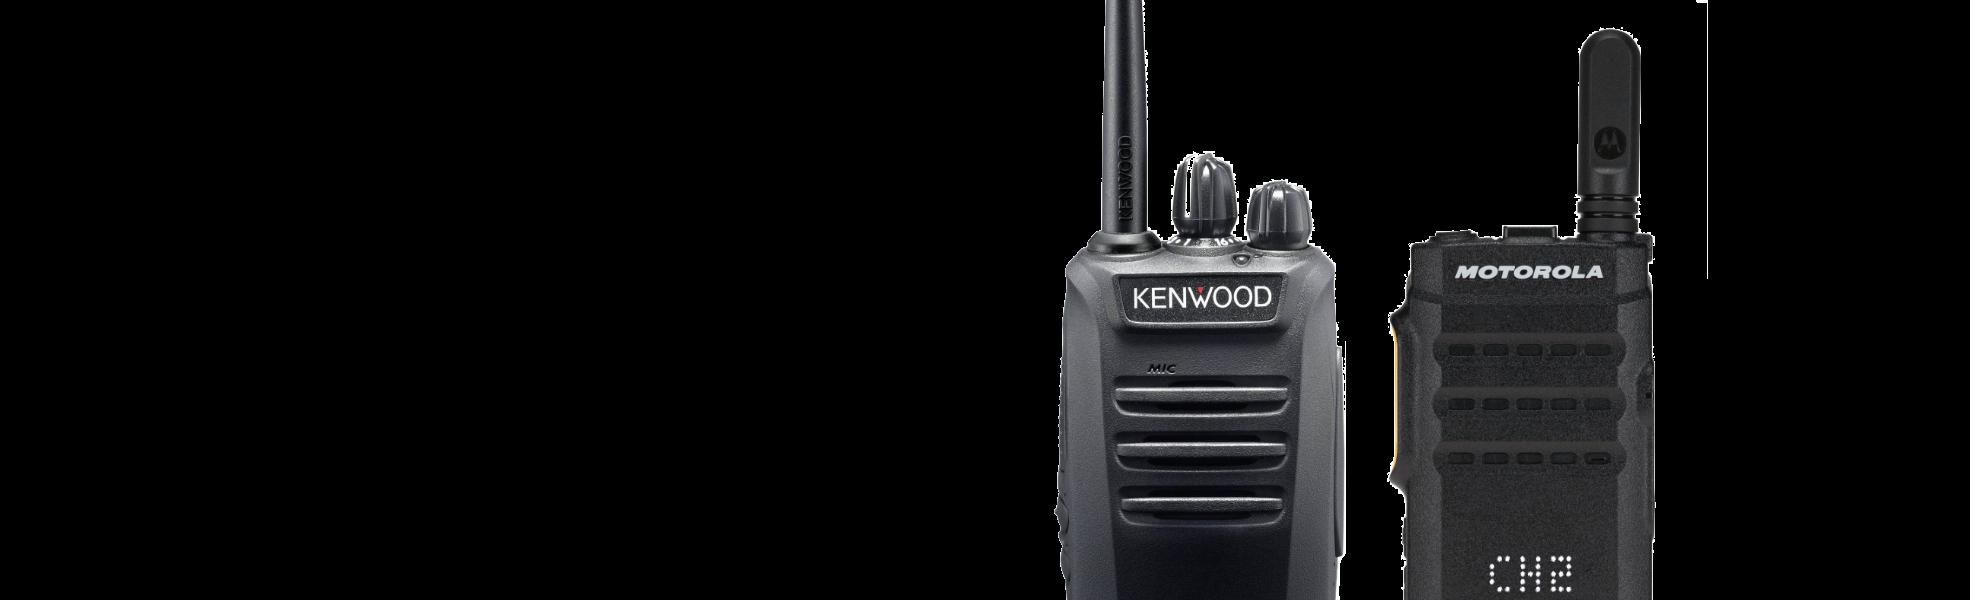 Verschil tussen walkie talkies en portofoons?